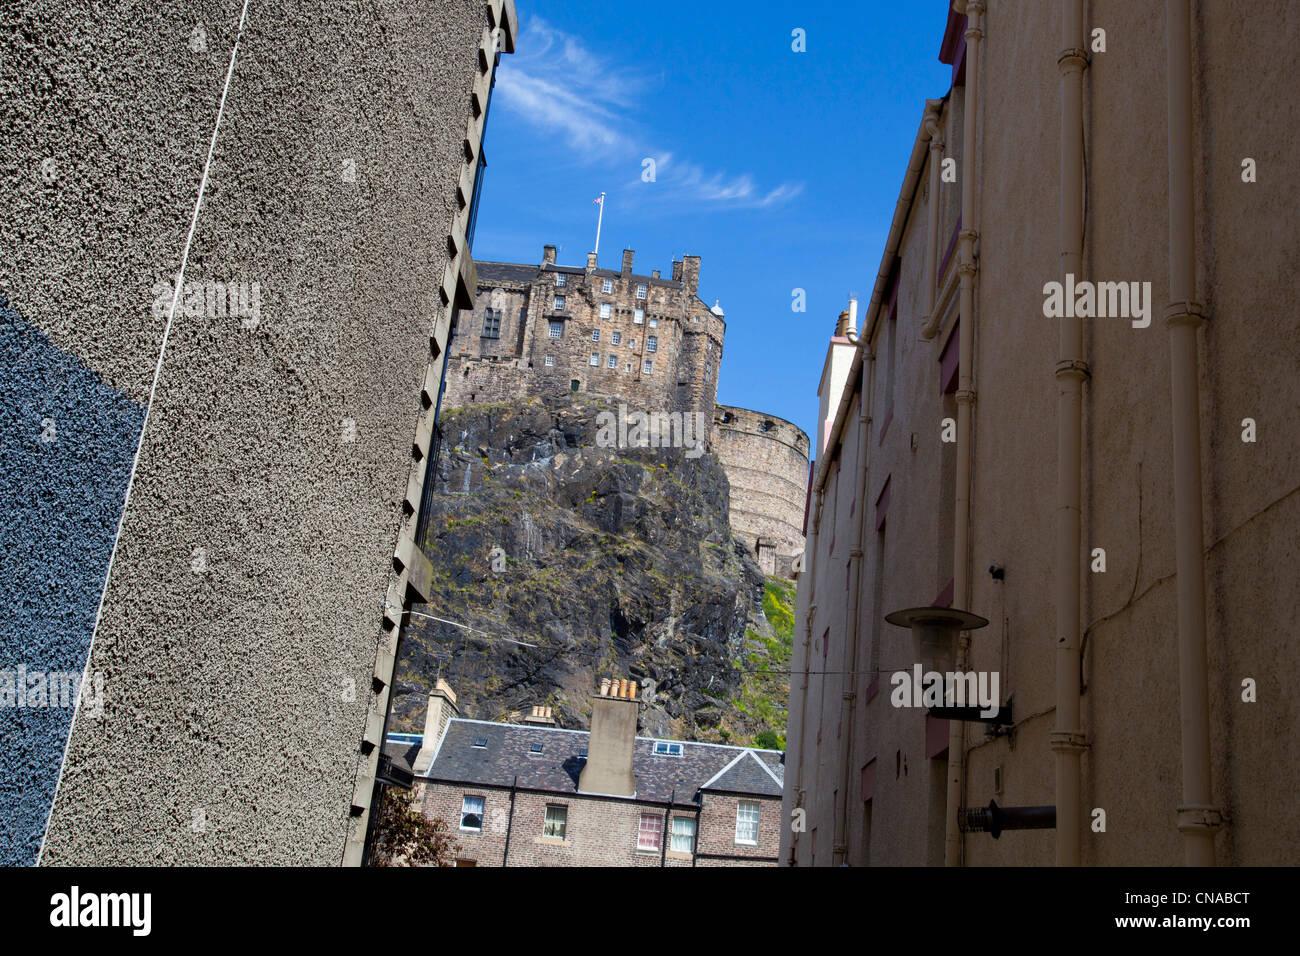 Il Castello di Edimburgo presi da un vicolo di via di seguito. Immagini Stock